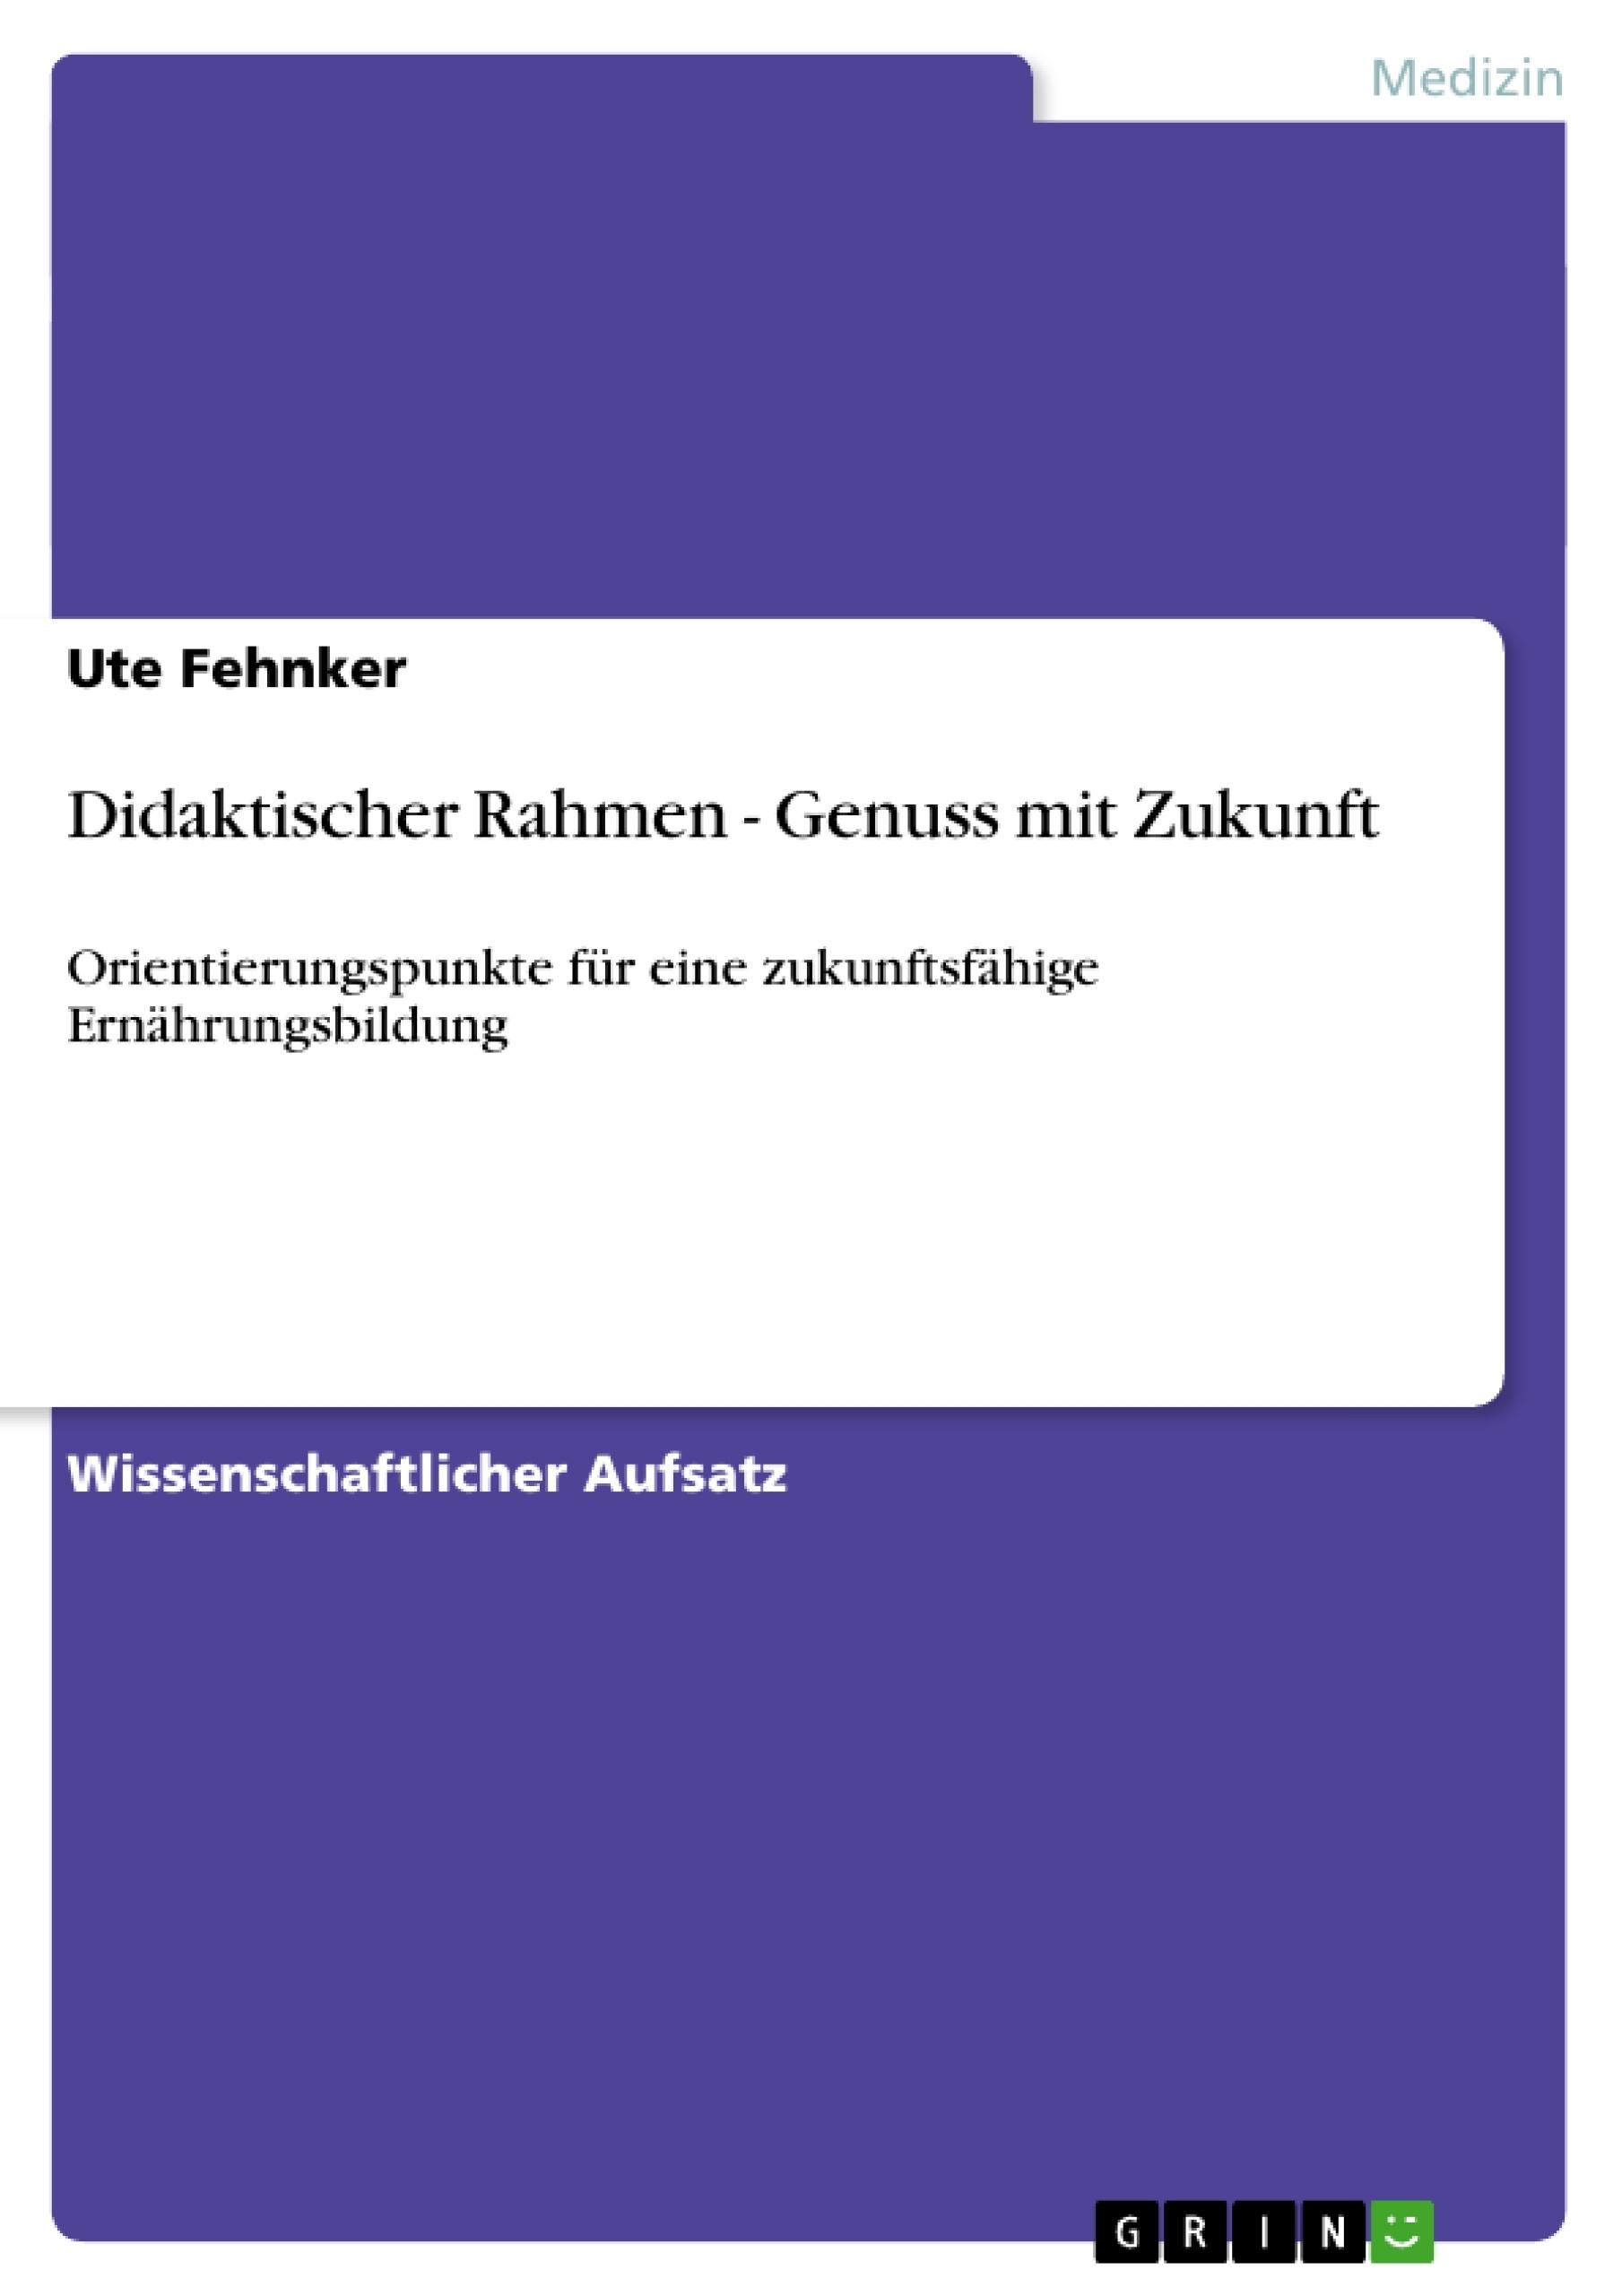 Titel: Didaktischer Rahmen - Genuss mit Zukunft